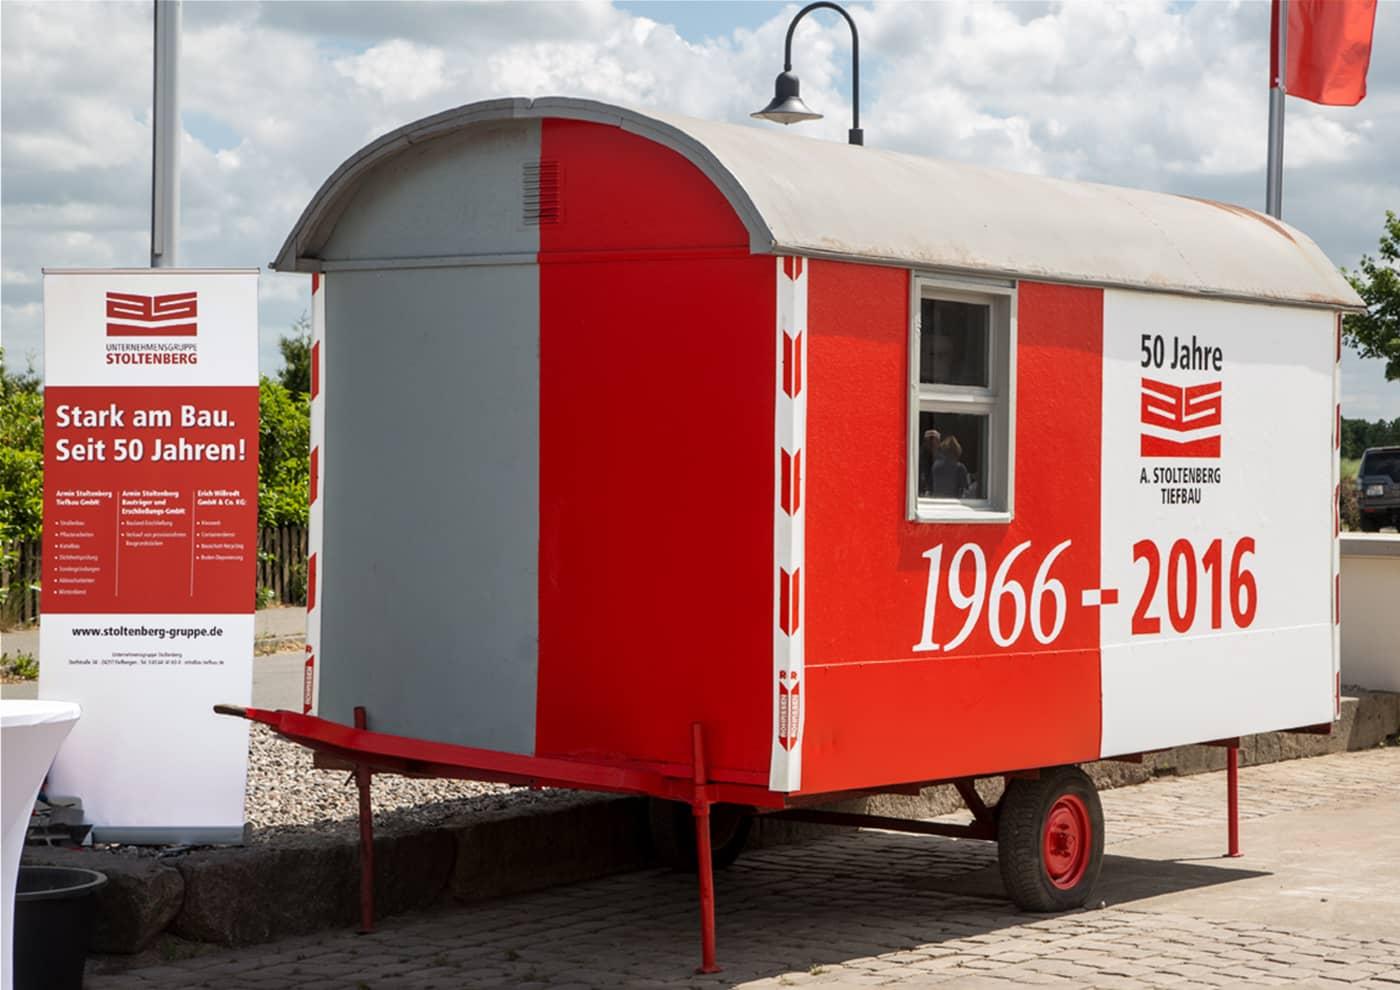 Event-, Print- und Online-Konzeption für die Unternehmensgruppe Stoltenberg: Fahrzeug-Gestaltung